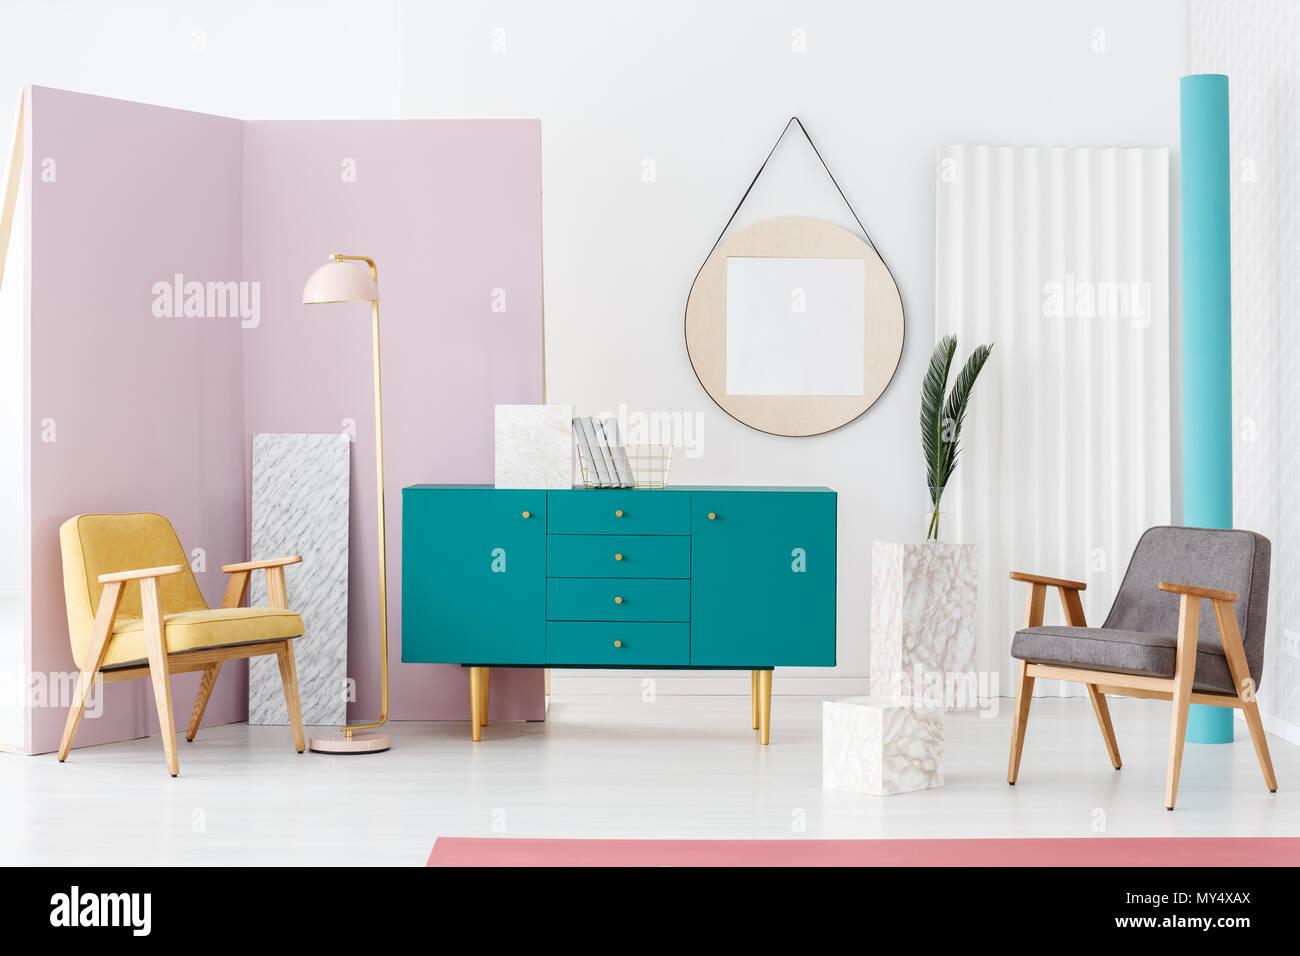 Modernes wohnzimmer interieur mit zwei sesseln pastell rosa lampe